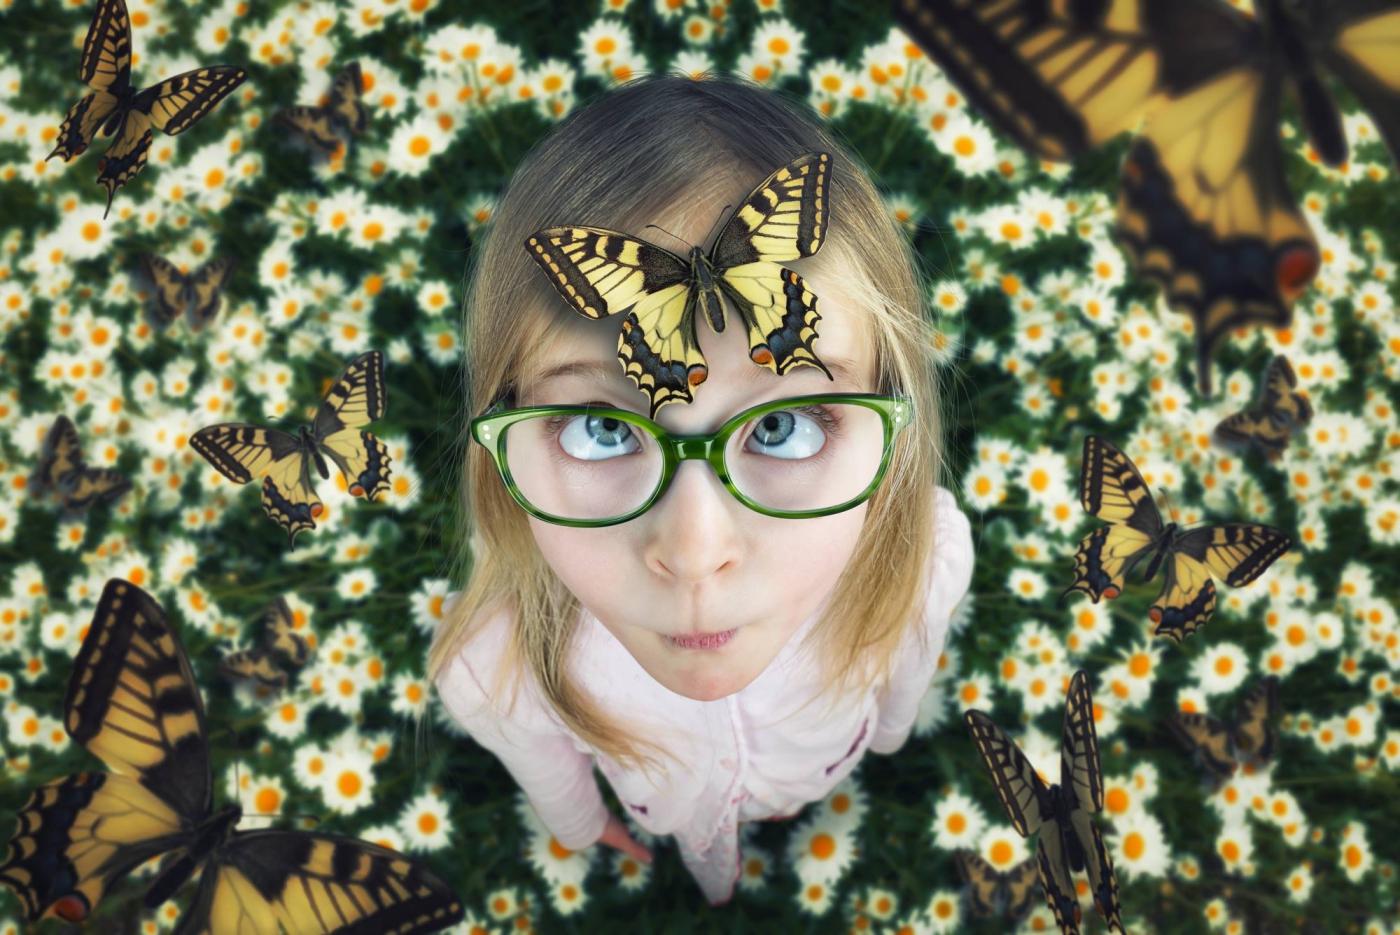 【攝影蟲】創意老爹俏女兒加強版___John Wilhelm_图1-43